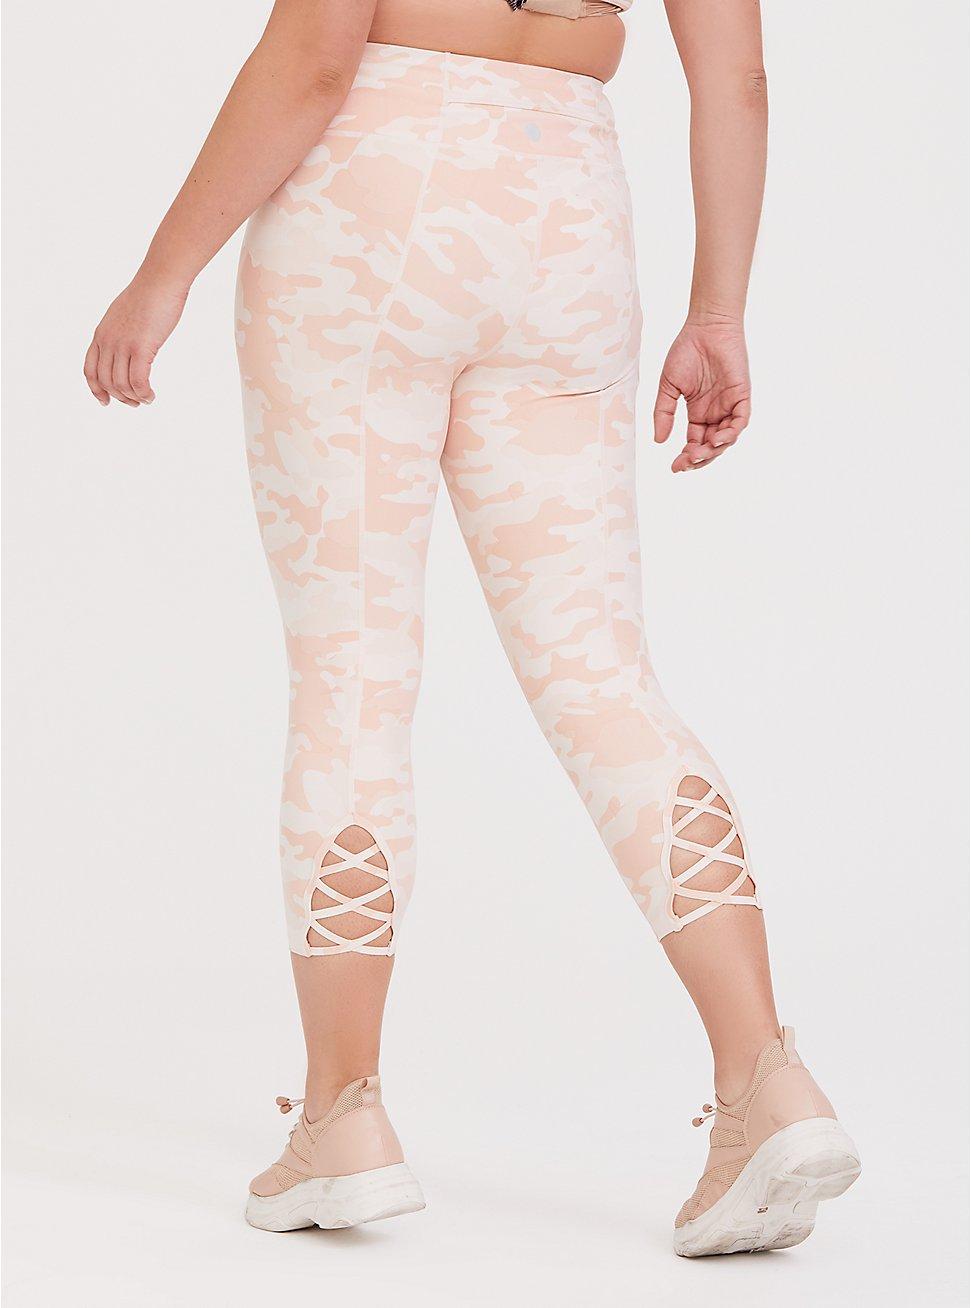 Pink Camo Lattice Back Crop Wicking Active Legging, MULTI, hi-res